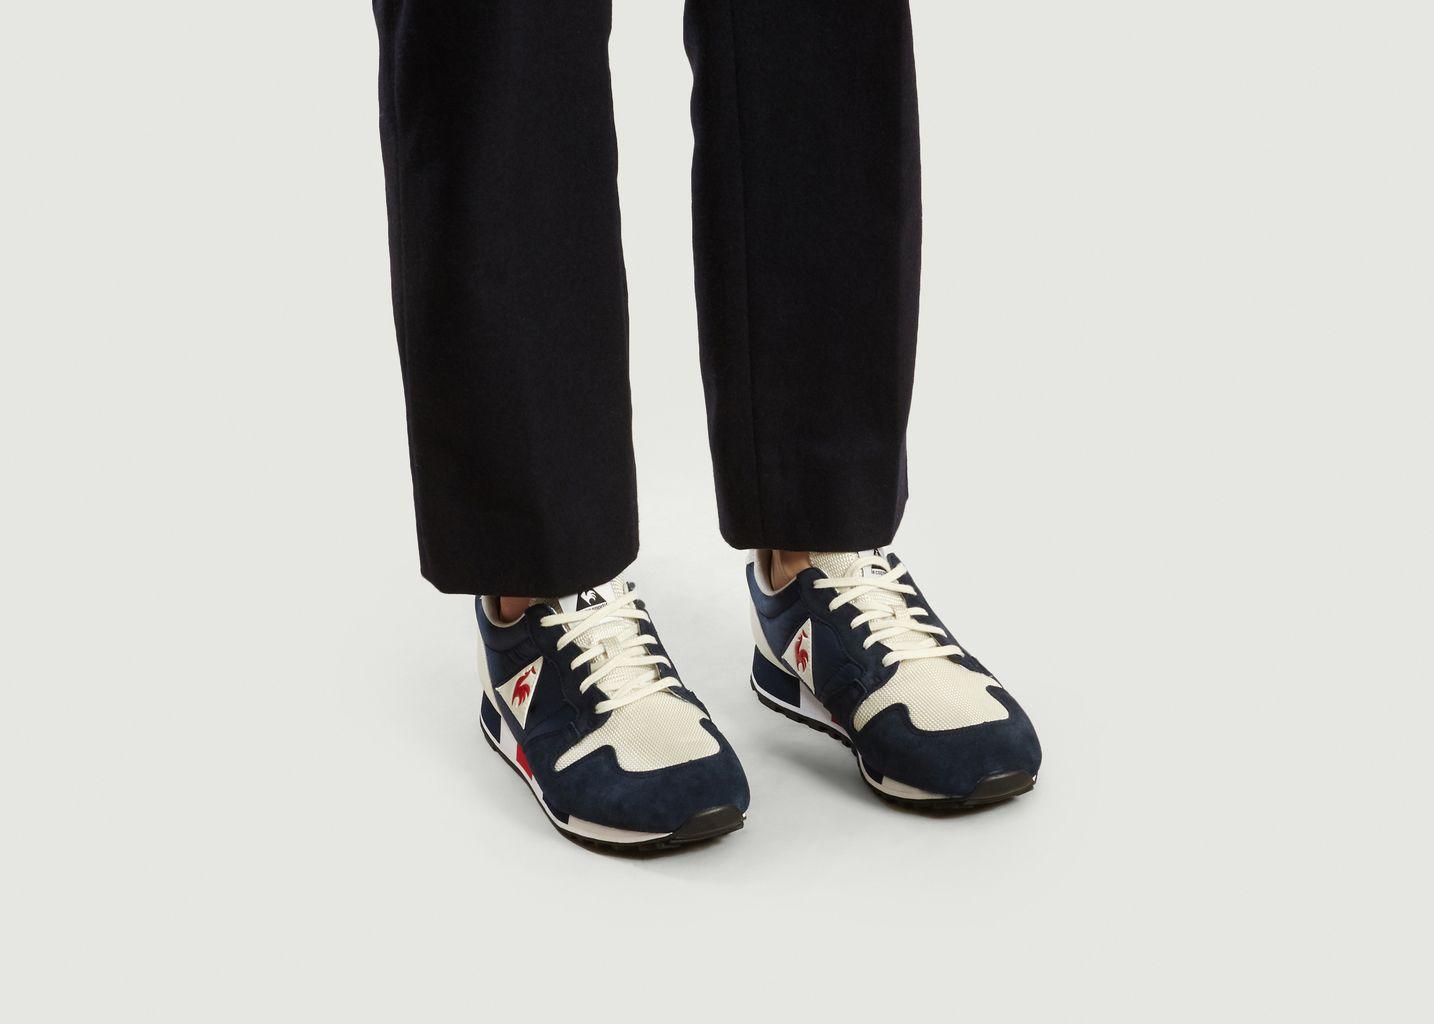 Le Coq Sportif Omega Marshmallow bleu blanc rouge